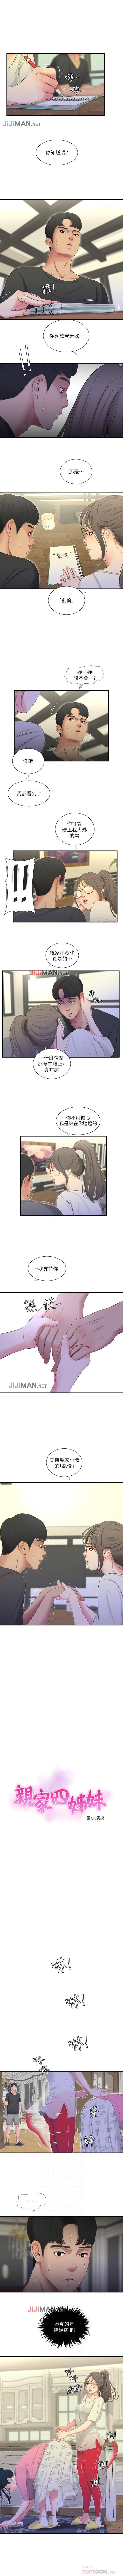 【周四连载】亲家四姐妹(作者:愛摸) 第1~37话 88